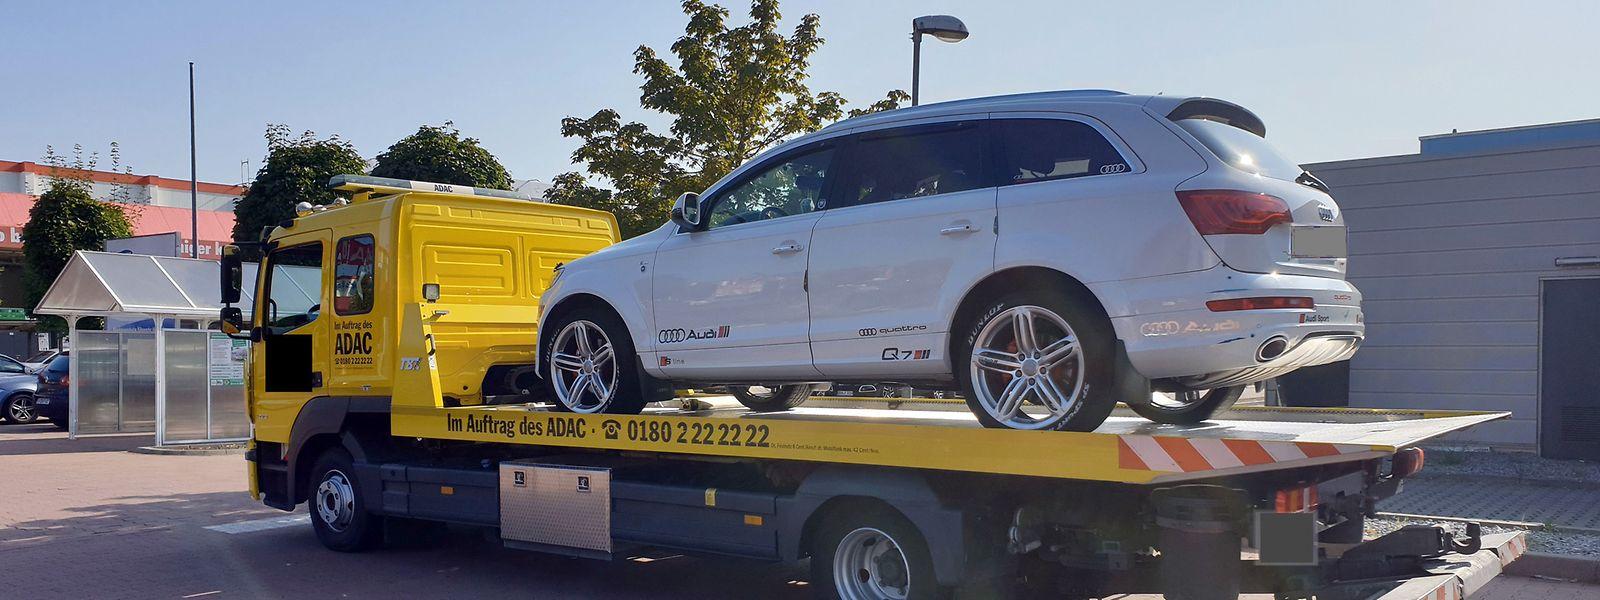 Der beschlagnahmte SUV des Delinquenten steht auf der Ladefläche eines Abschleppwagens.